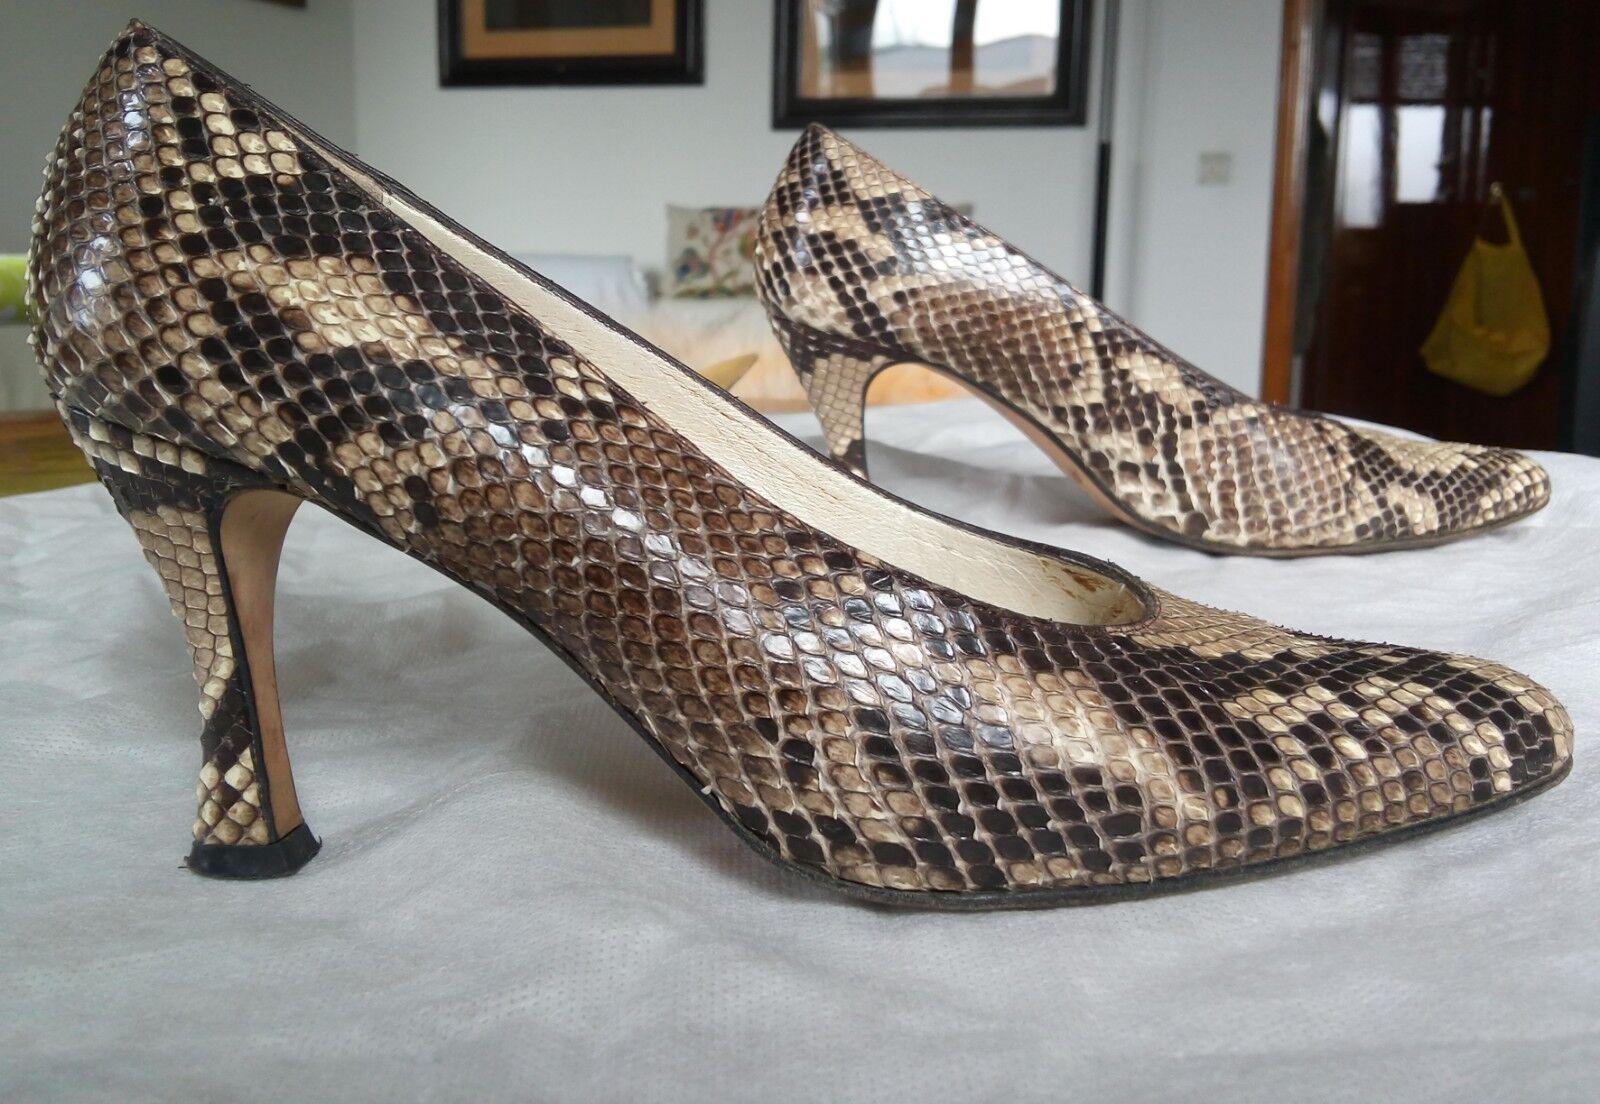 negozio a basso costo Scarpe Scarpe Scarpe vero pitone donna 39 - real python  miglior reputazione